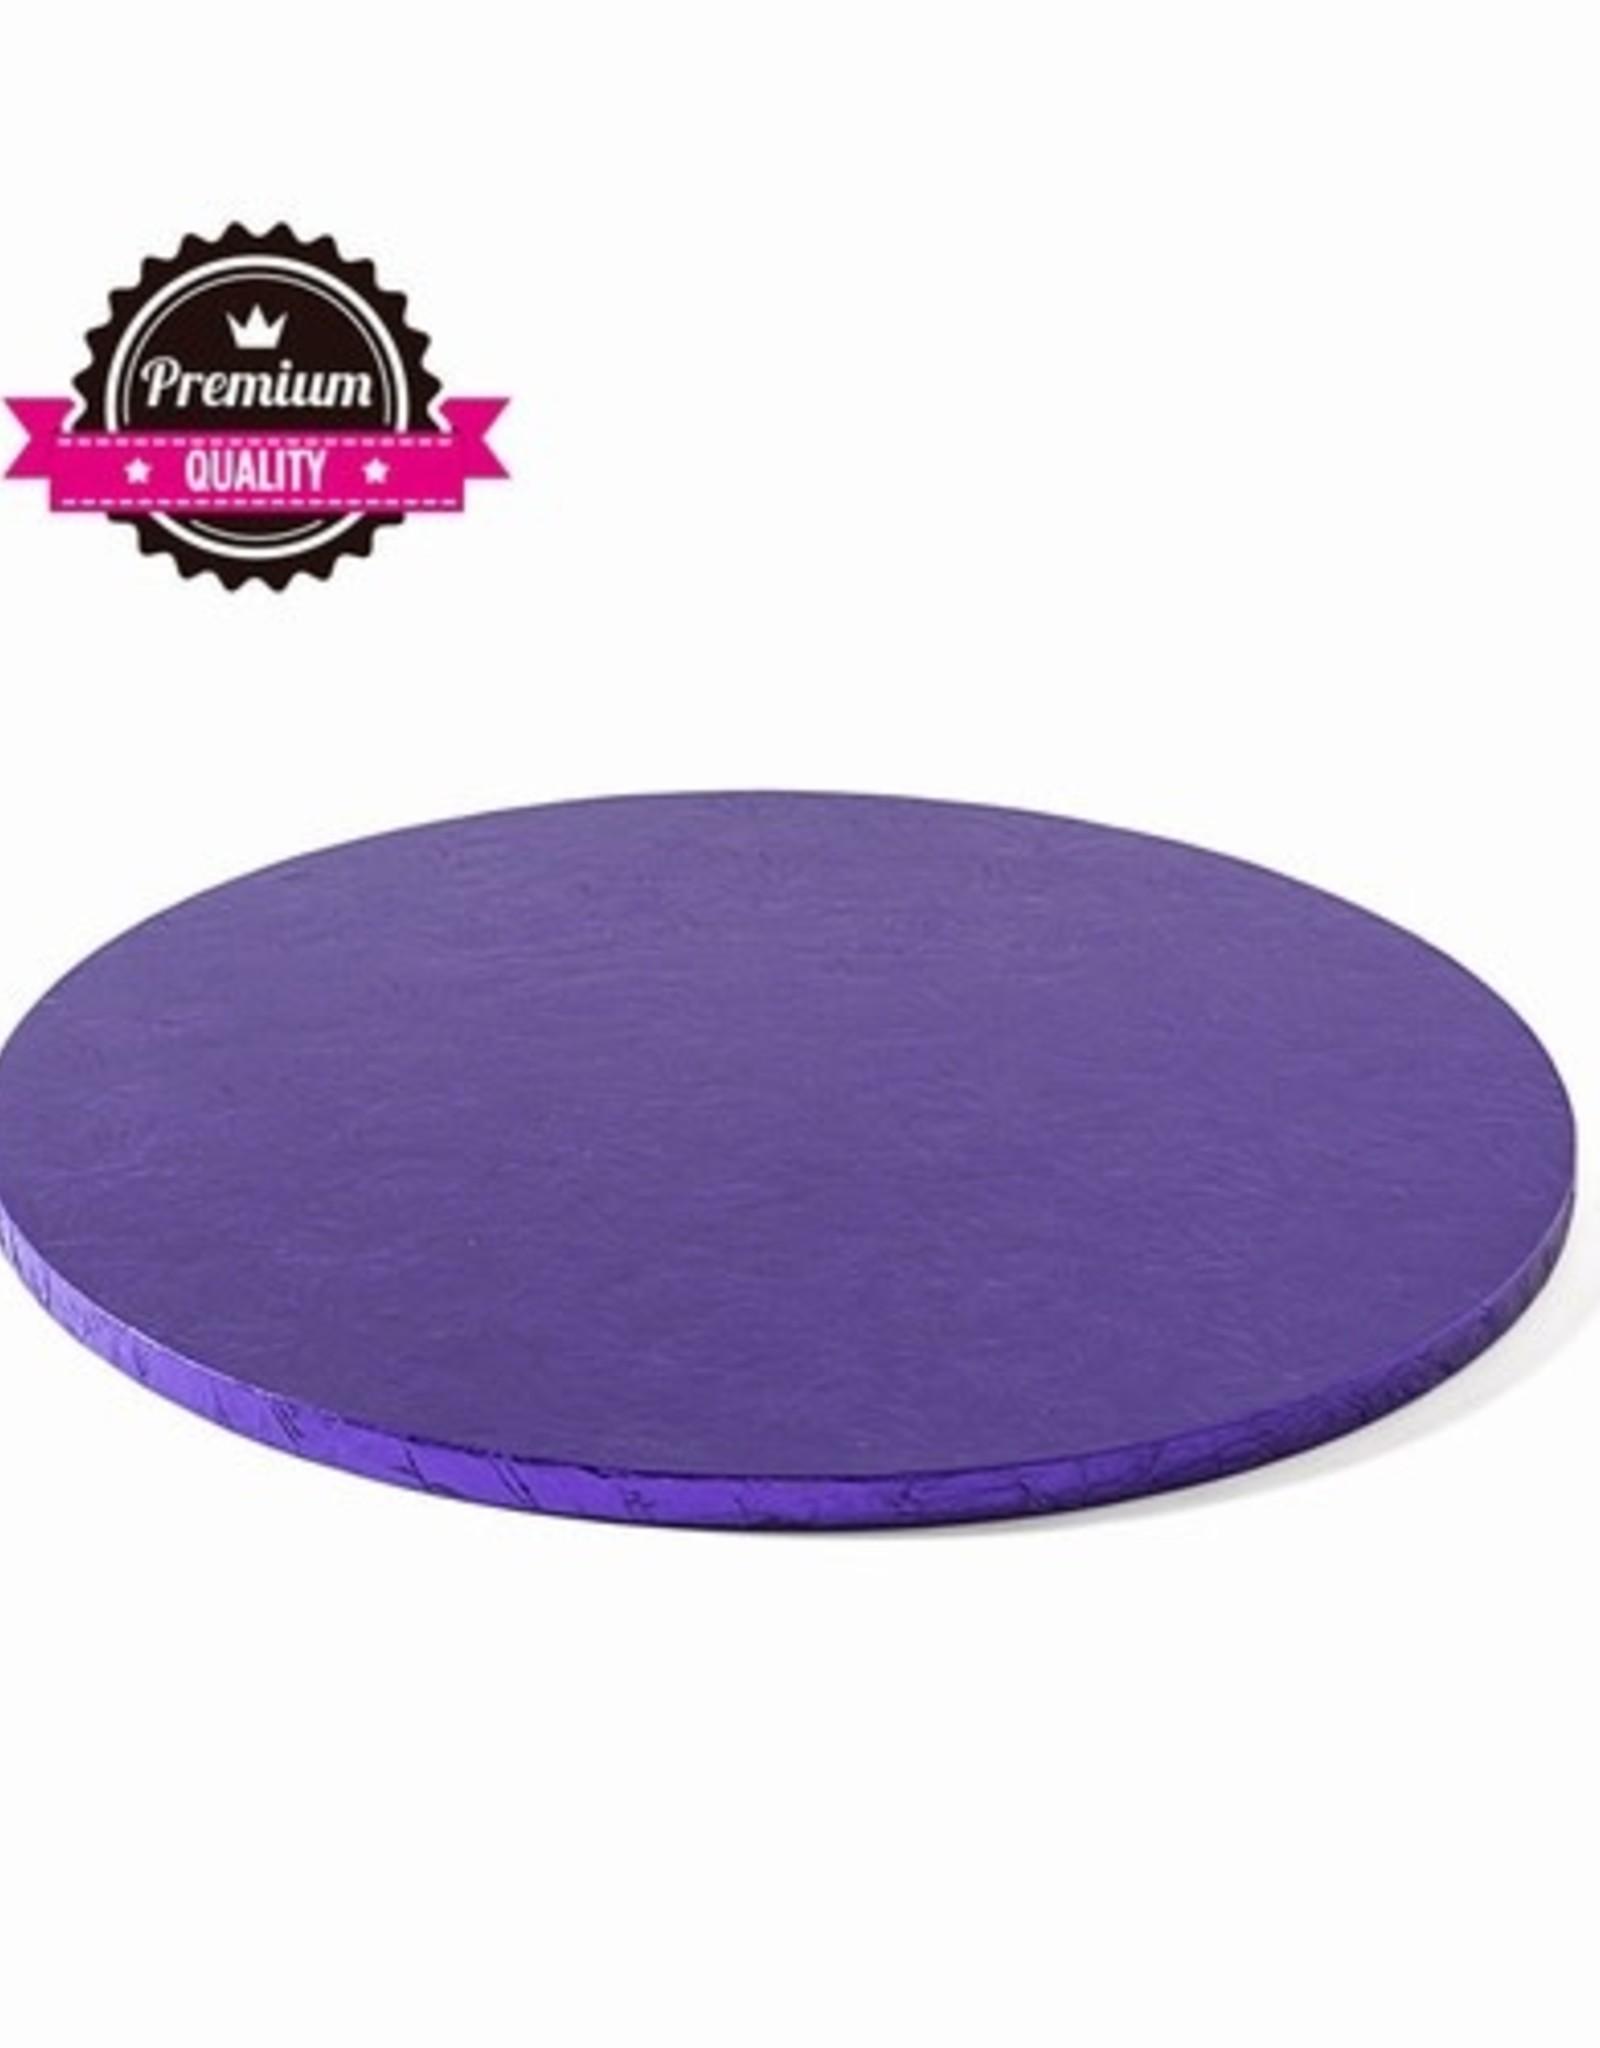 Cake Drum Rond Ø30,5cm Violet